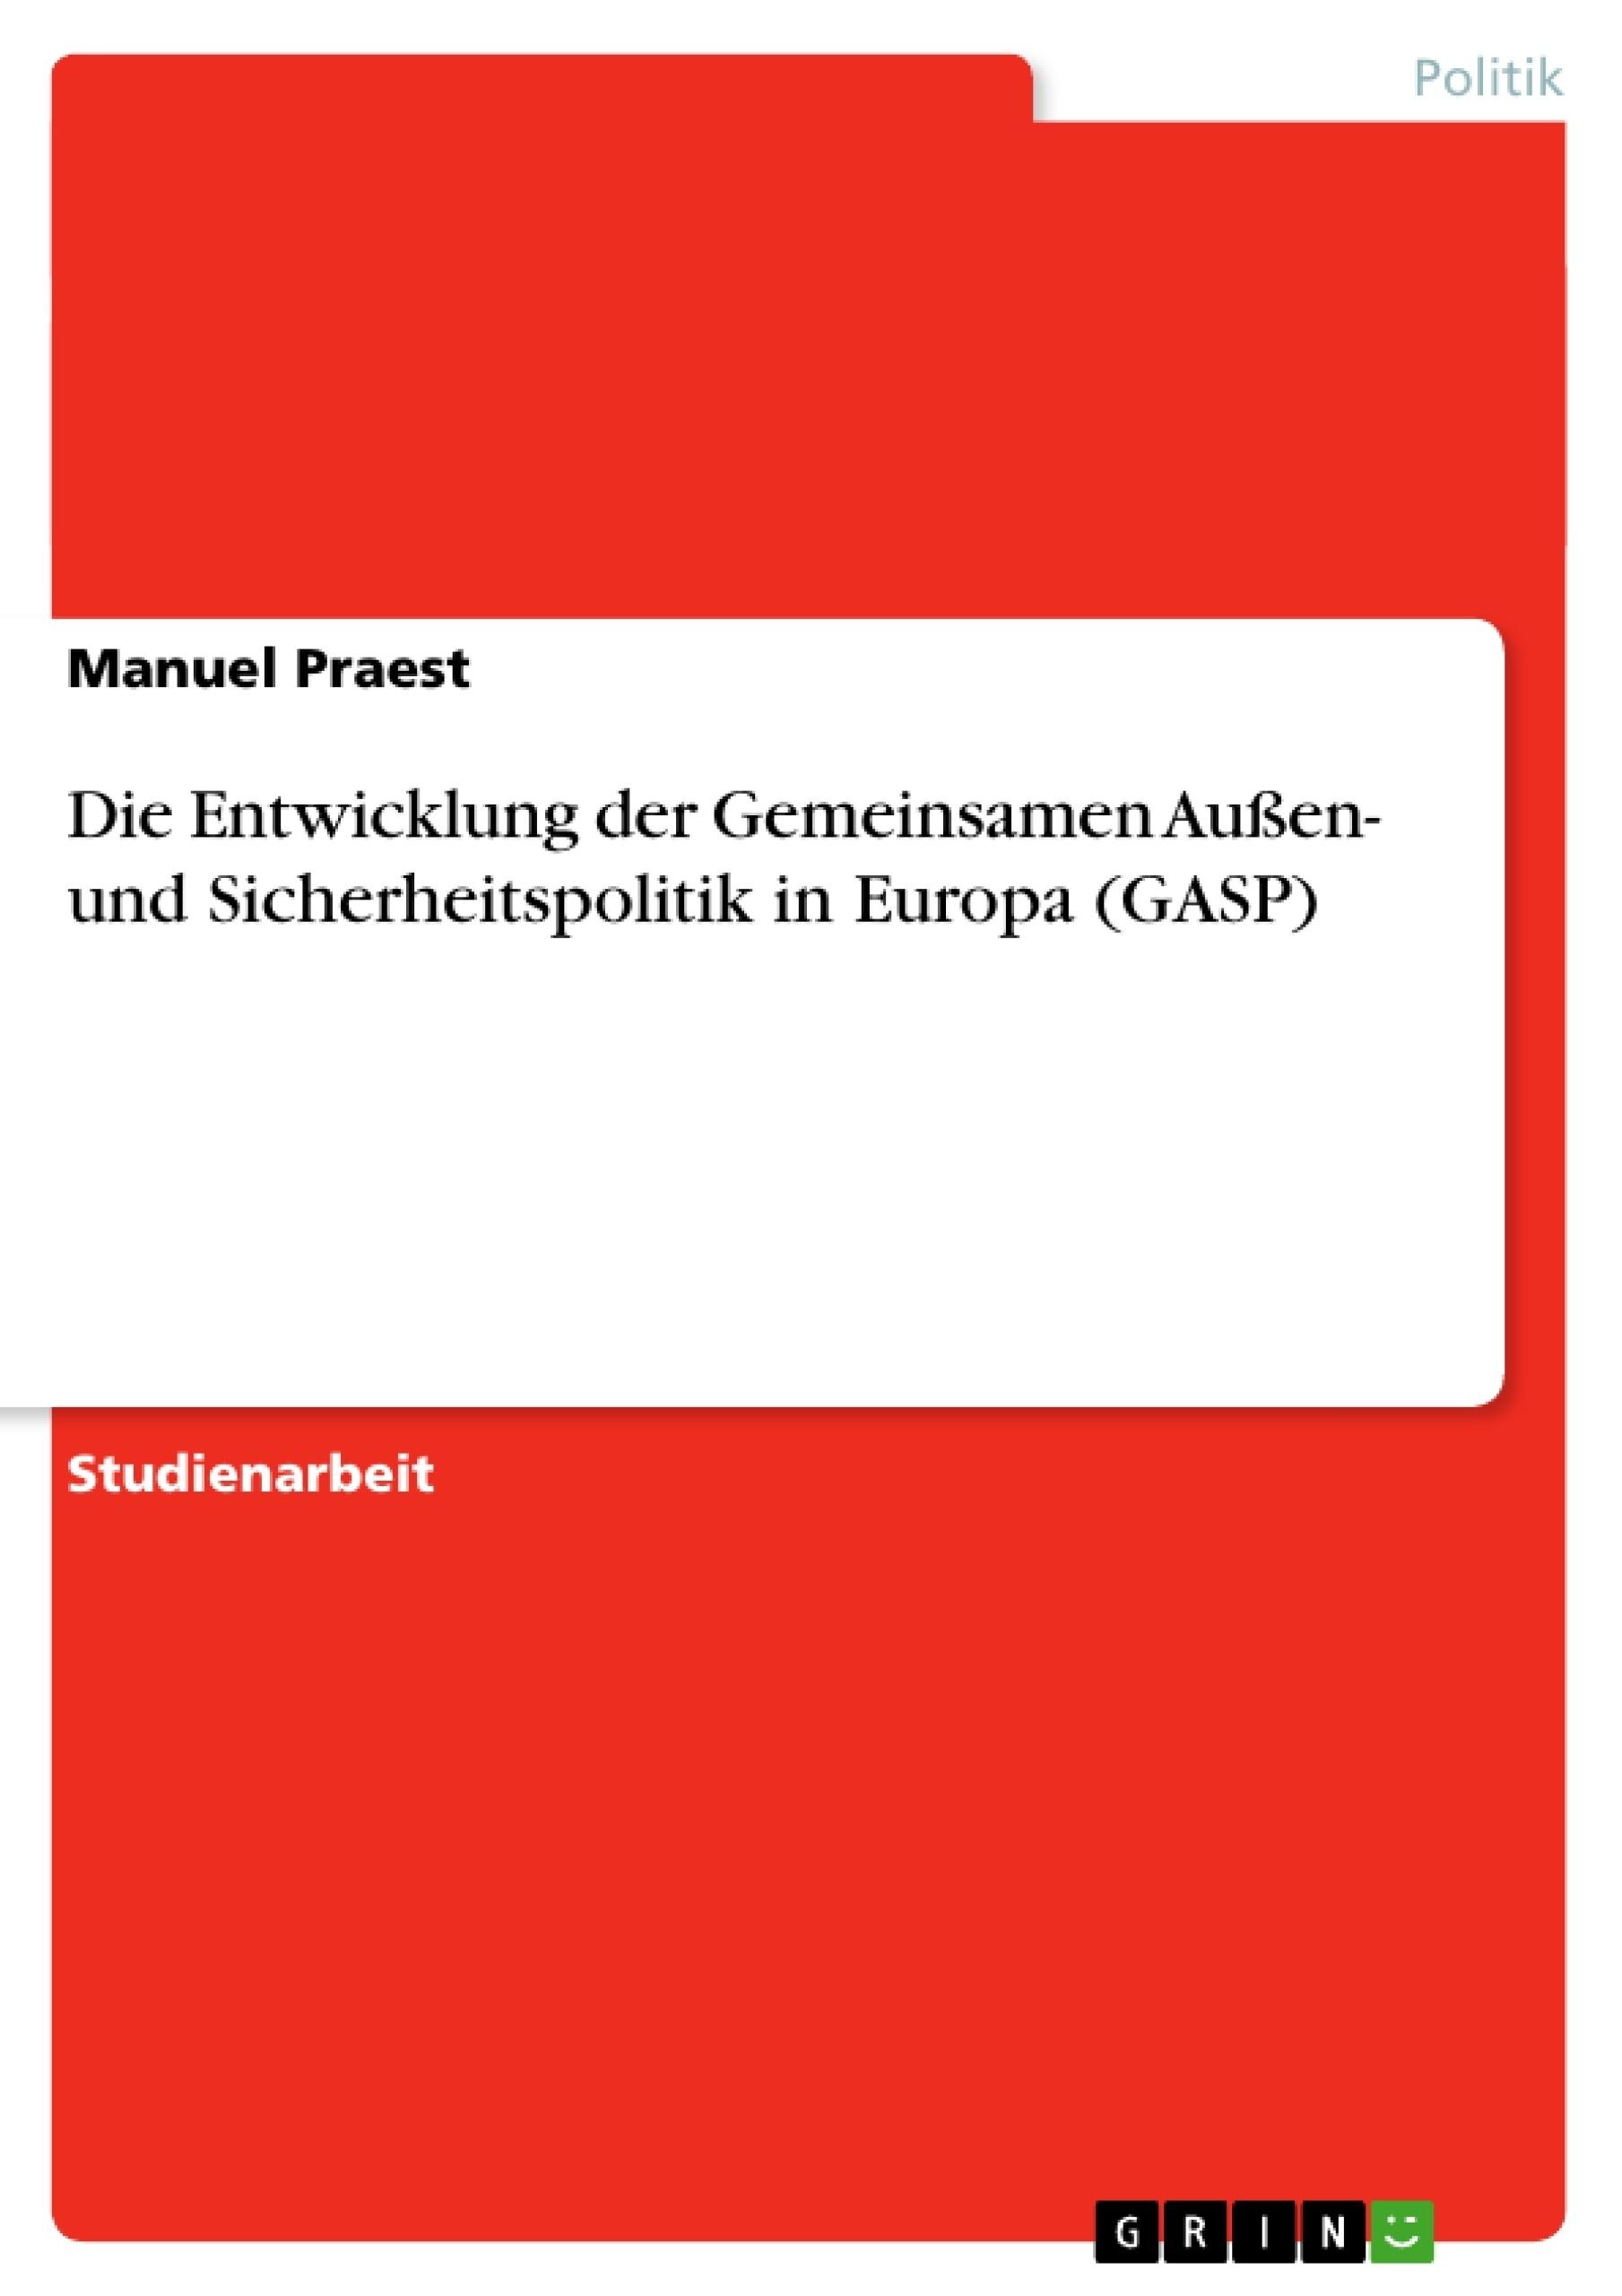 Titel: Die Entwicklung der Gemeinsamen Außen- und Sicherheitspolitik in Europa (GASP)